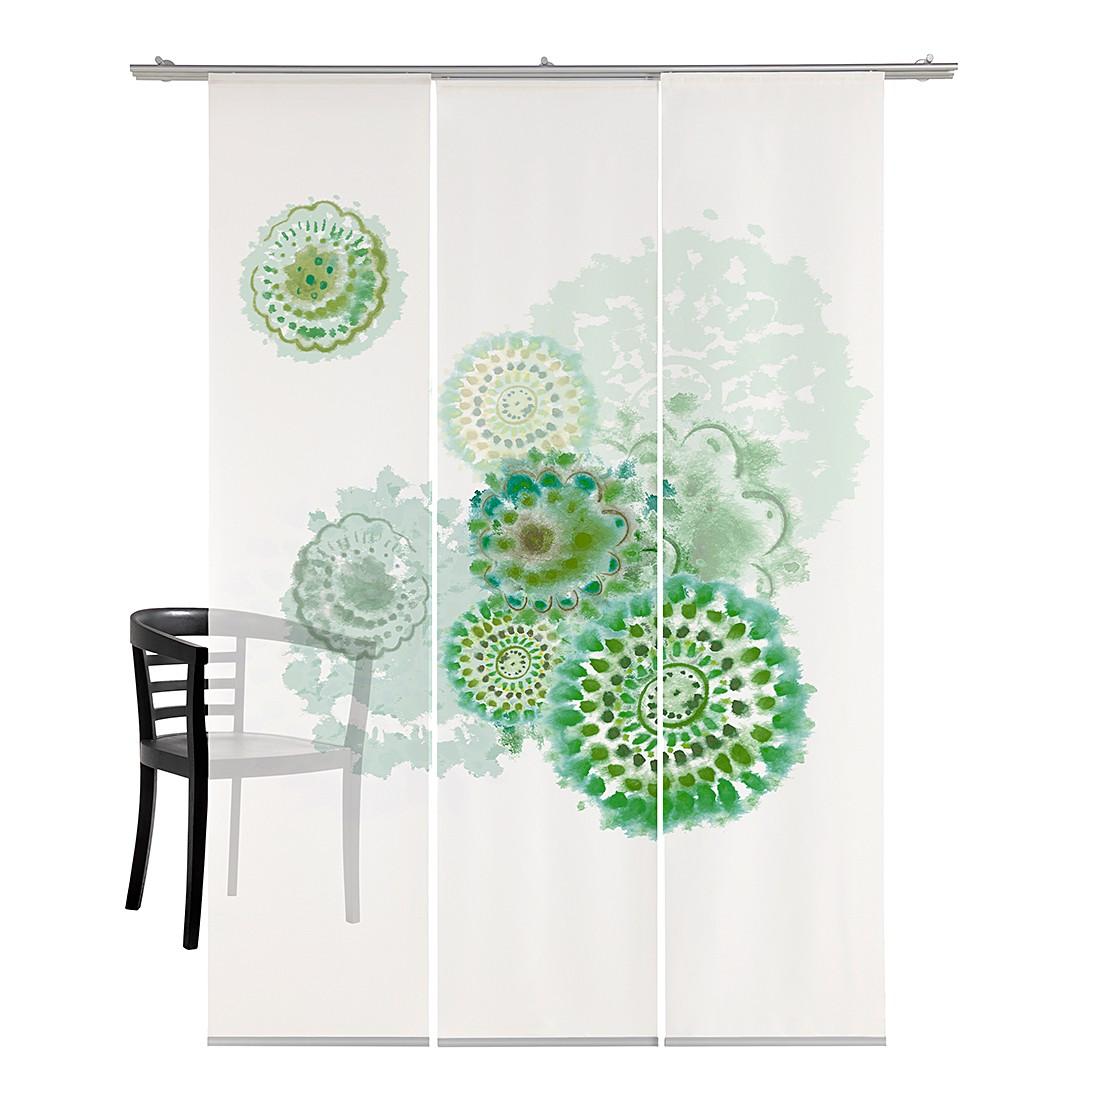 Flächenvorhang Batikblume – Grün, emotion textiles bestellen